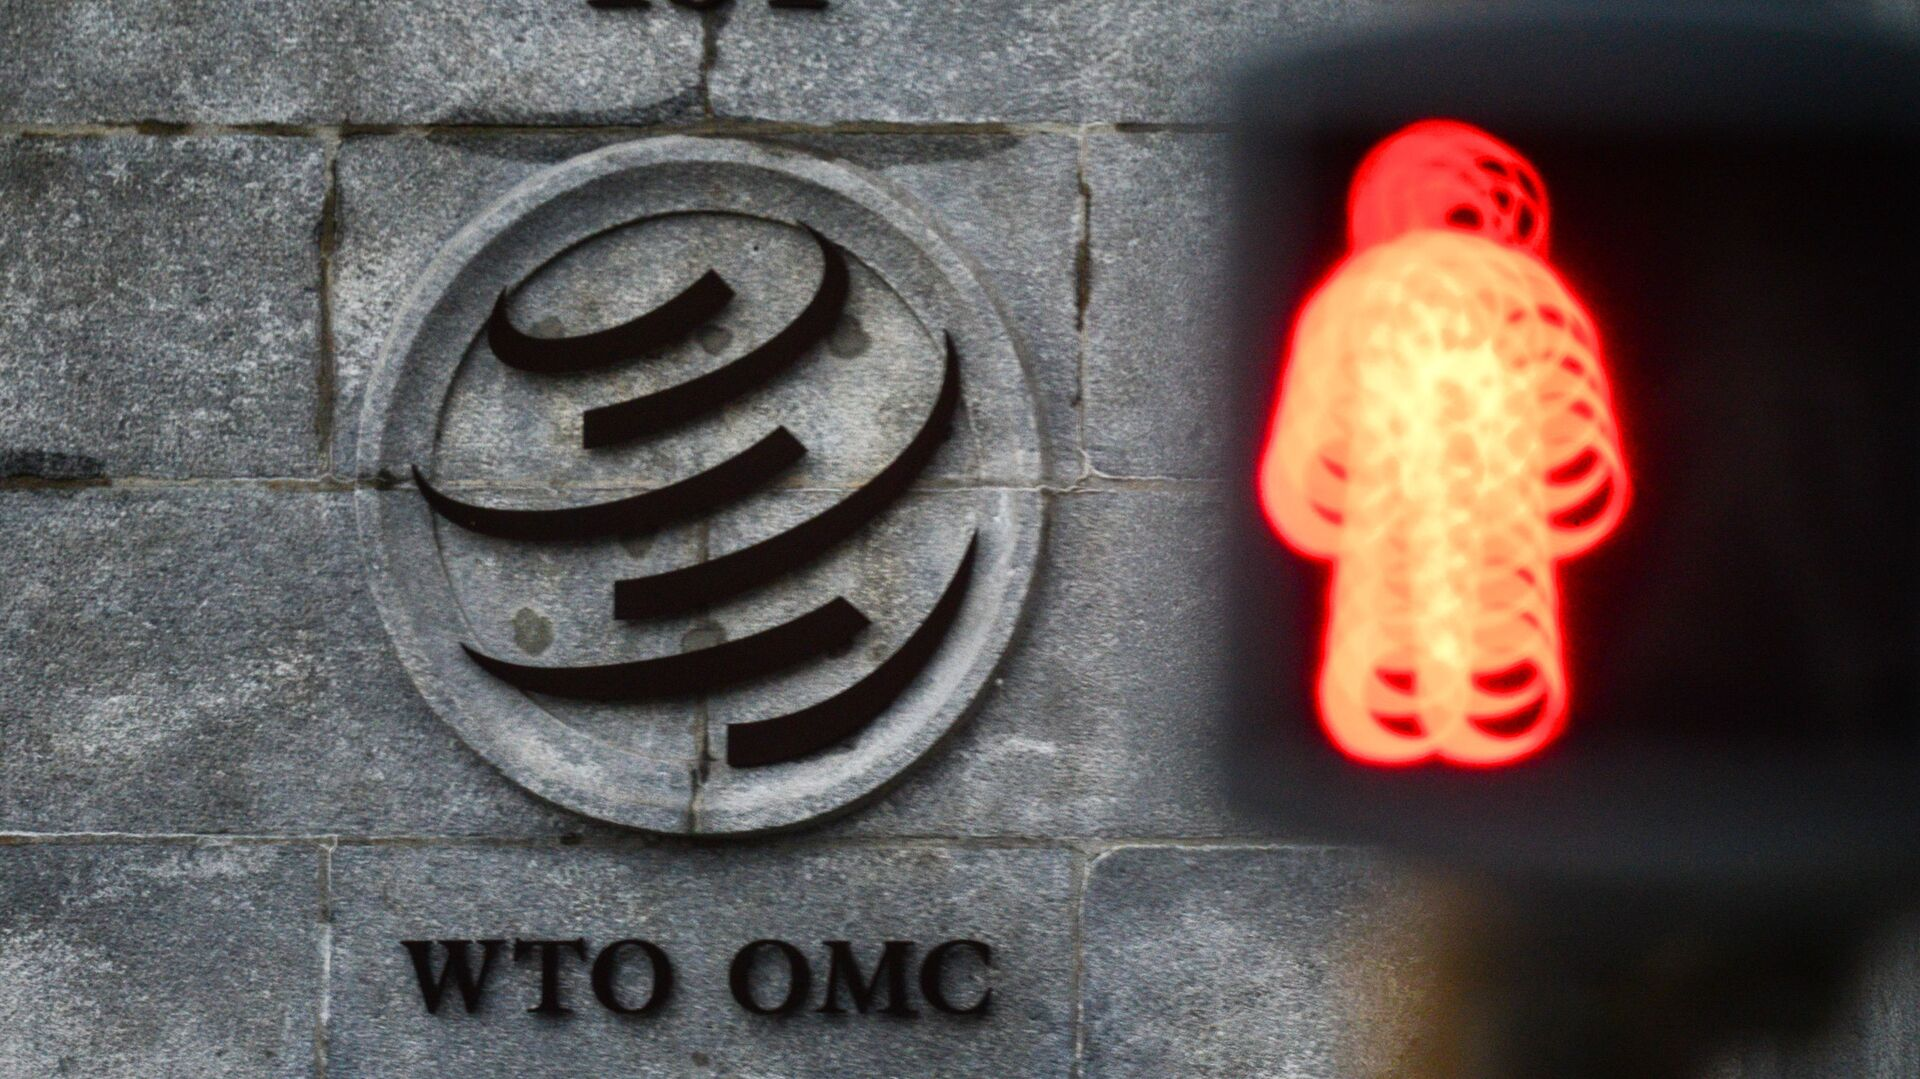 El logo de la OMC sobre su sede en Ginebra - Sputnik Mundo, 1920, 19.08.2021